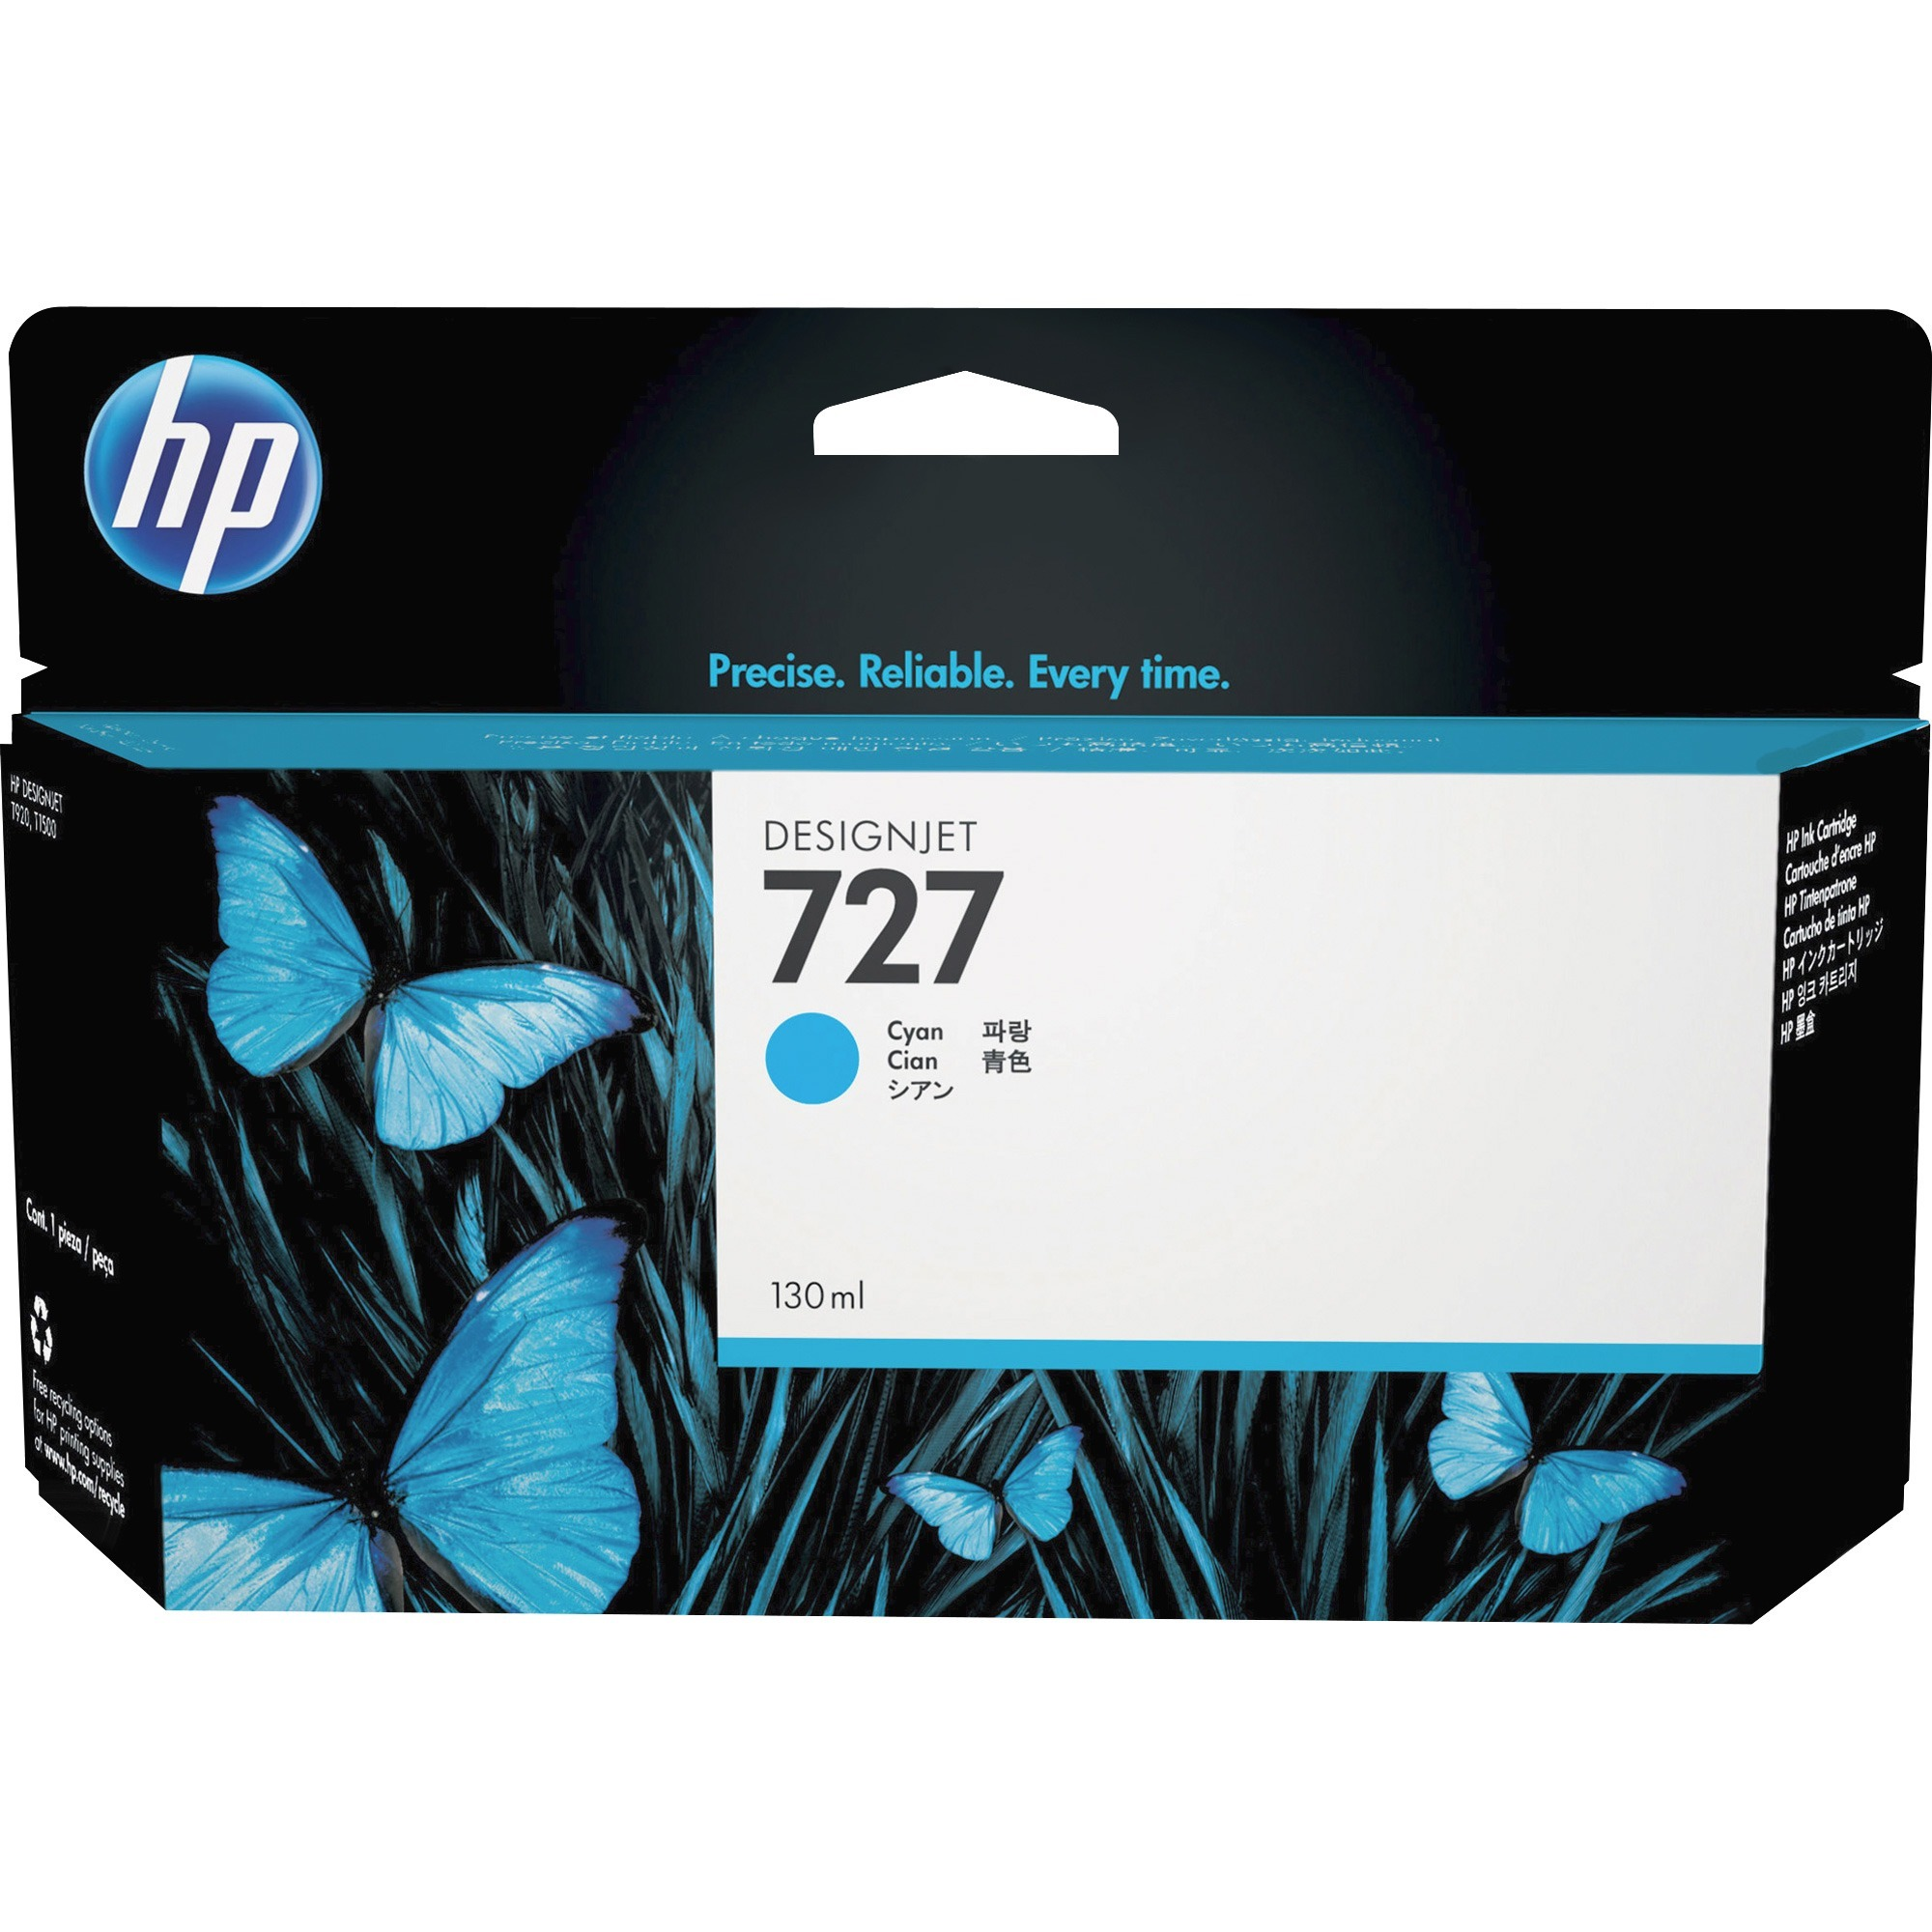 HP 727 Ink Cartridge - Cyan